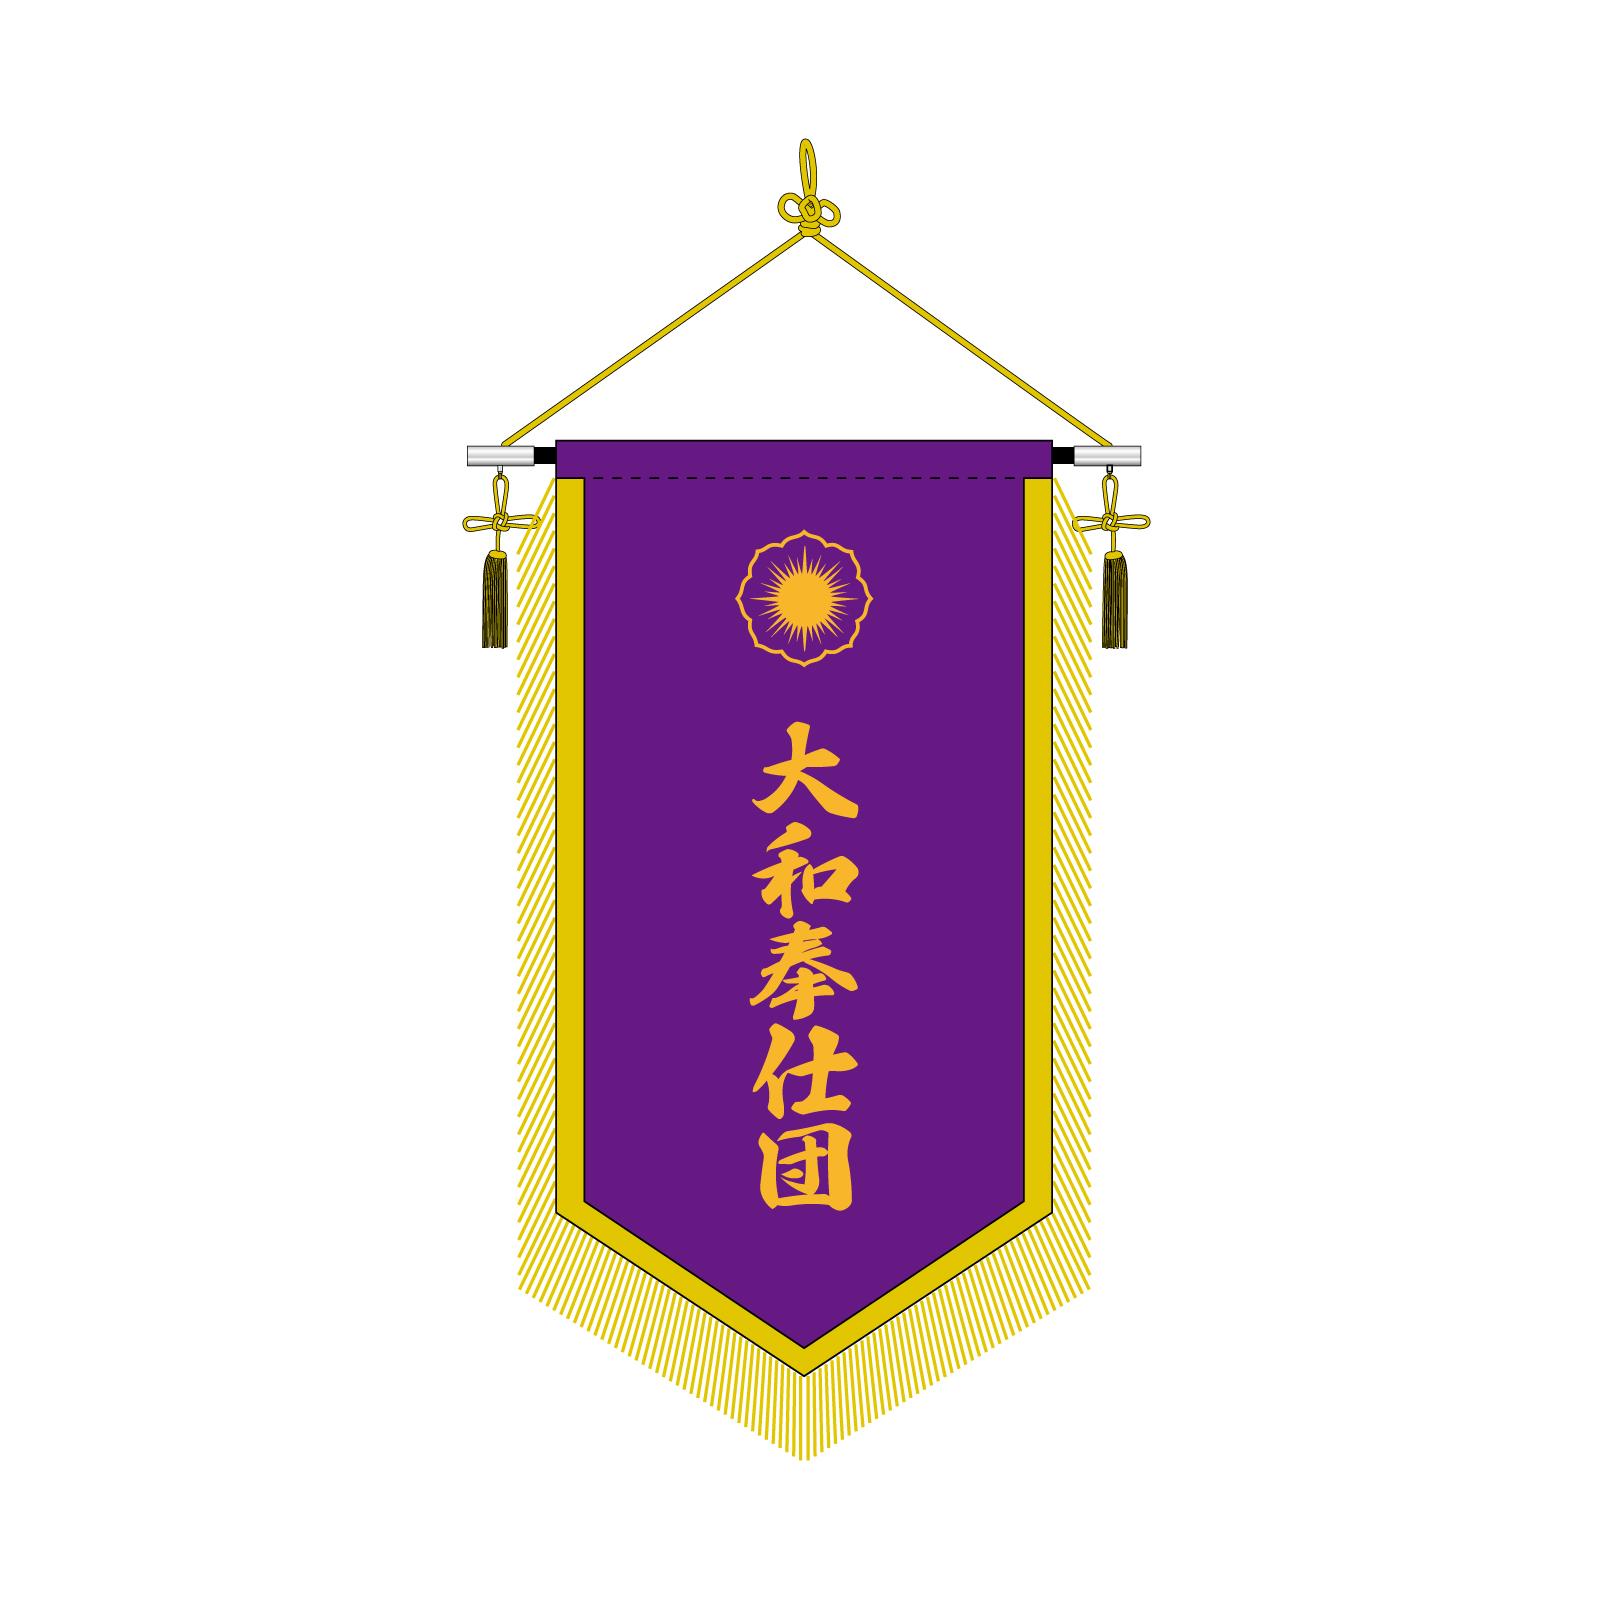 宗教団体の会旗